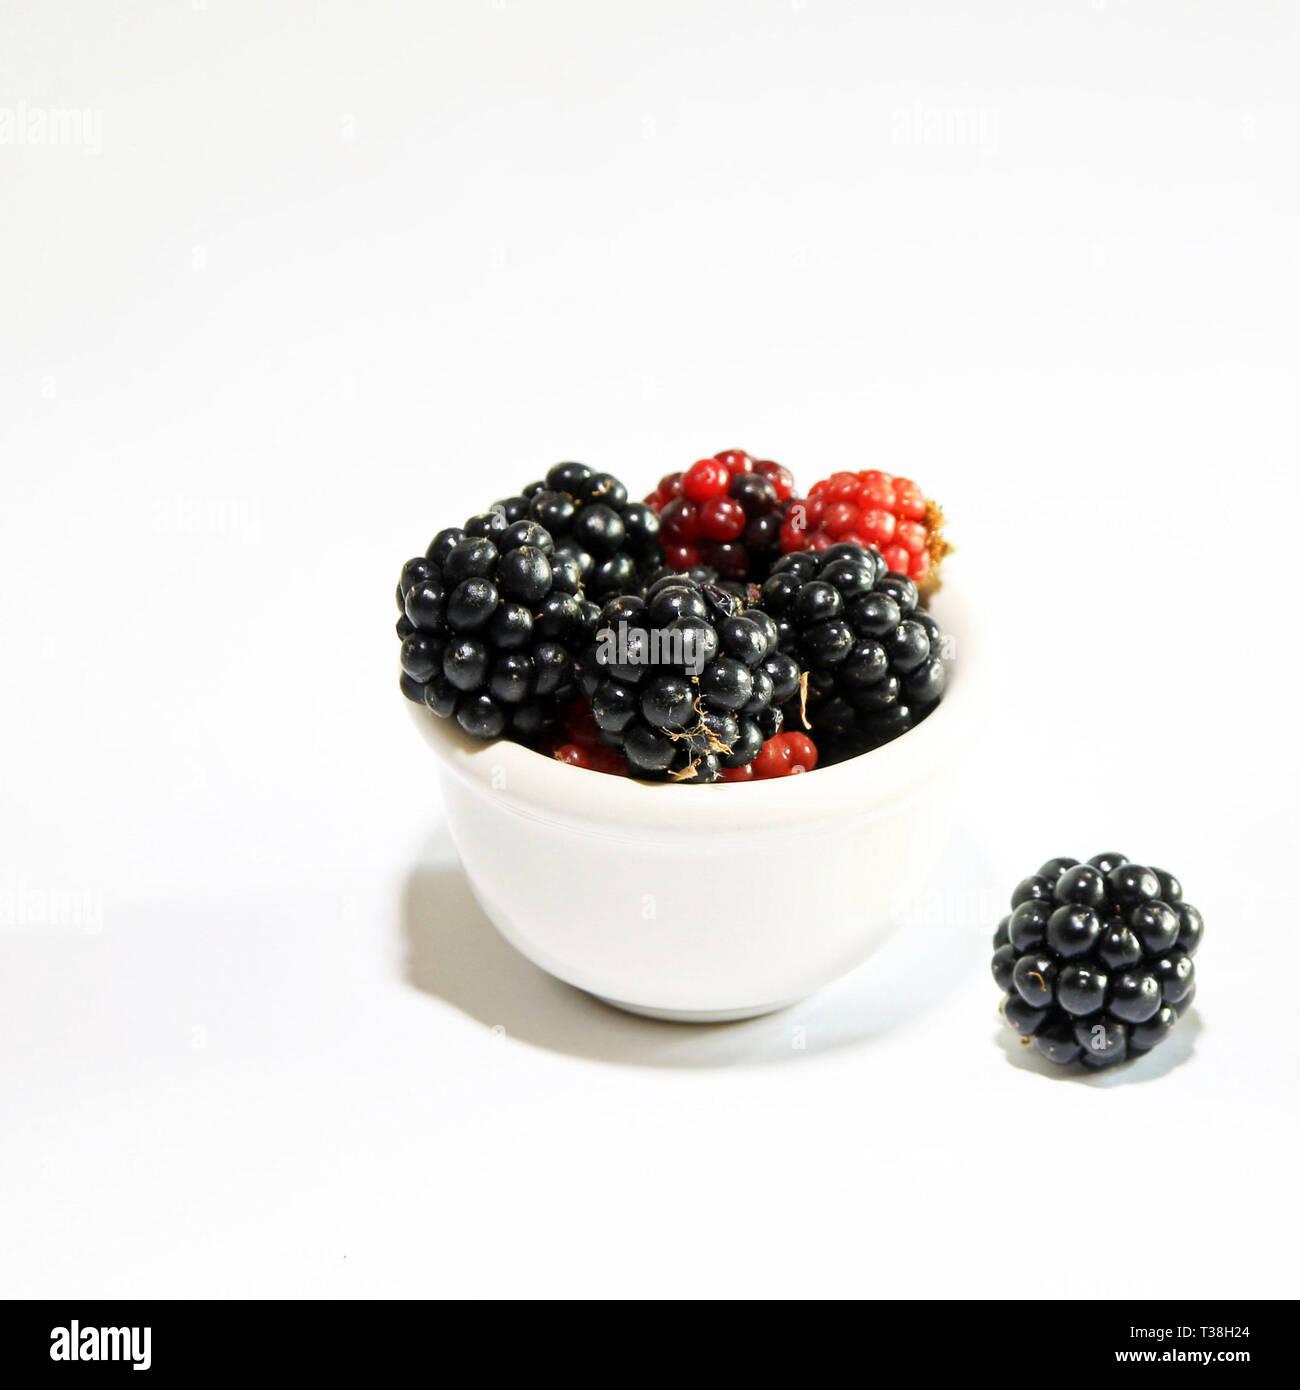 bowl of fresh blackberries on white background - Stock Image